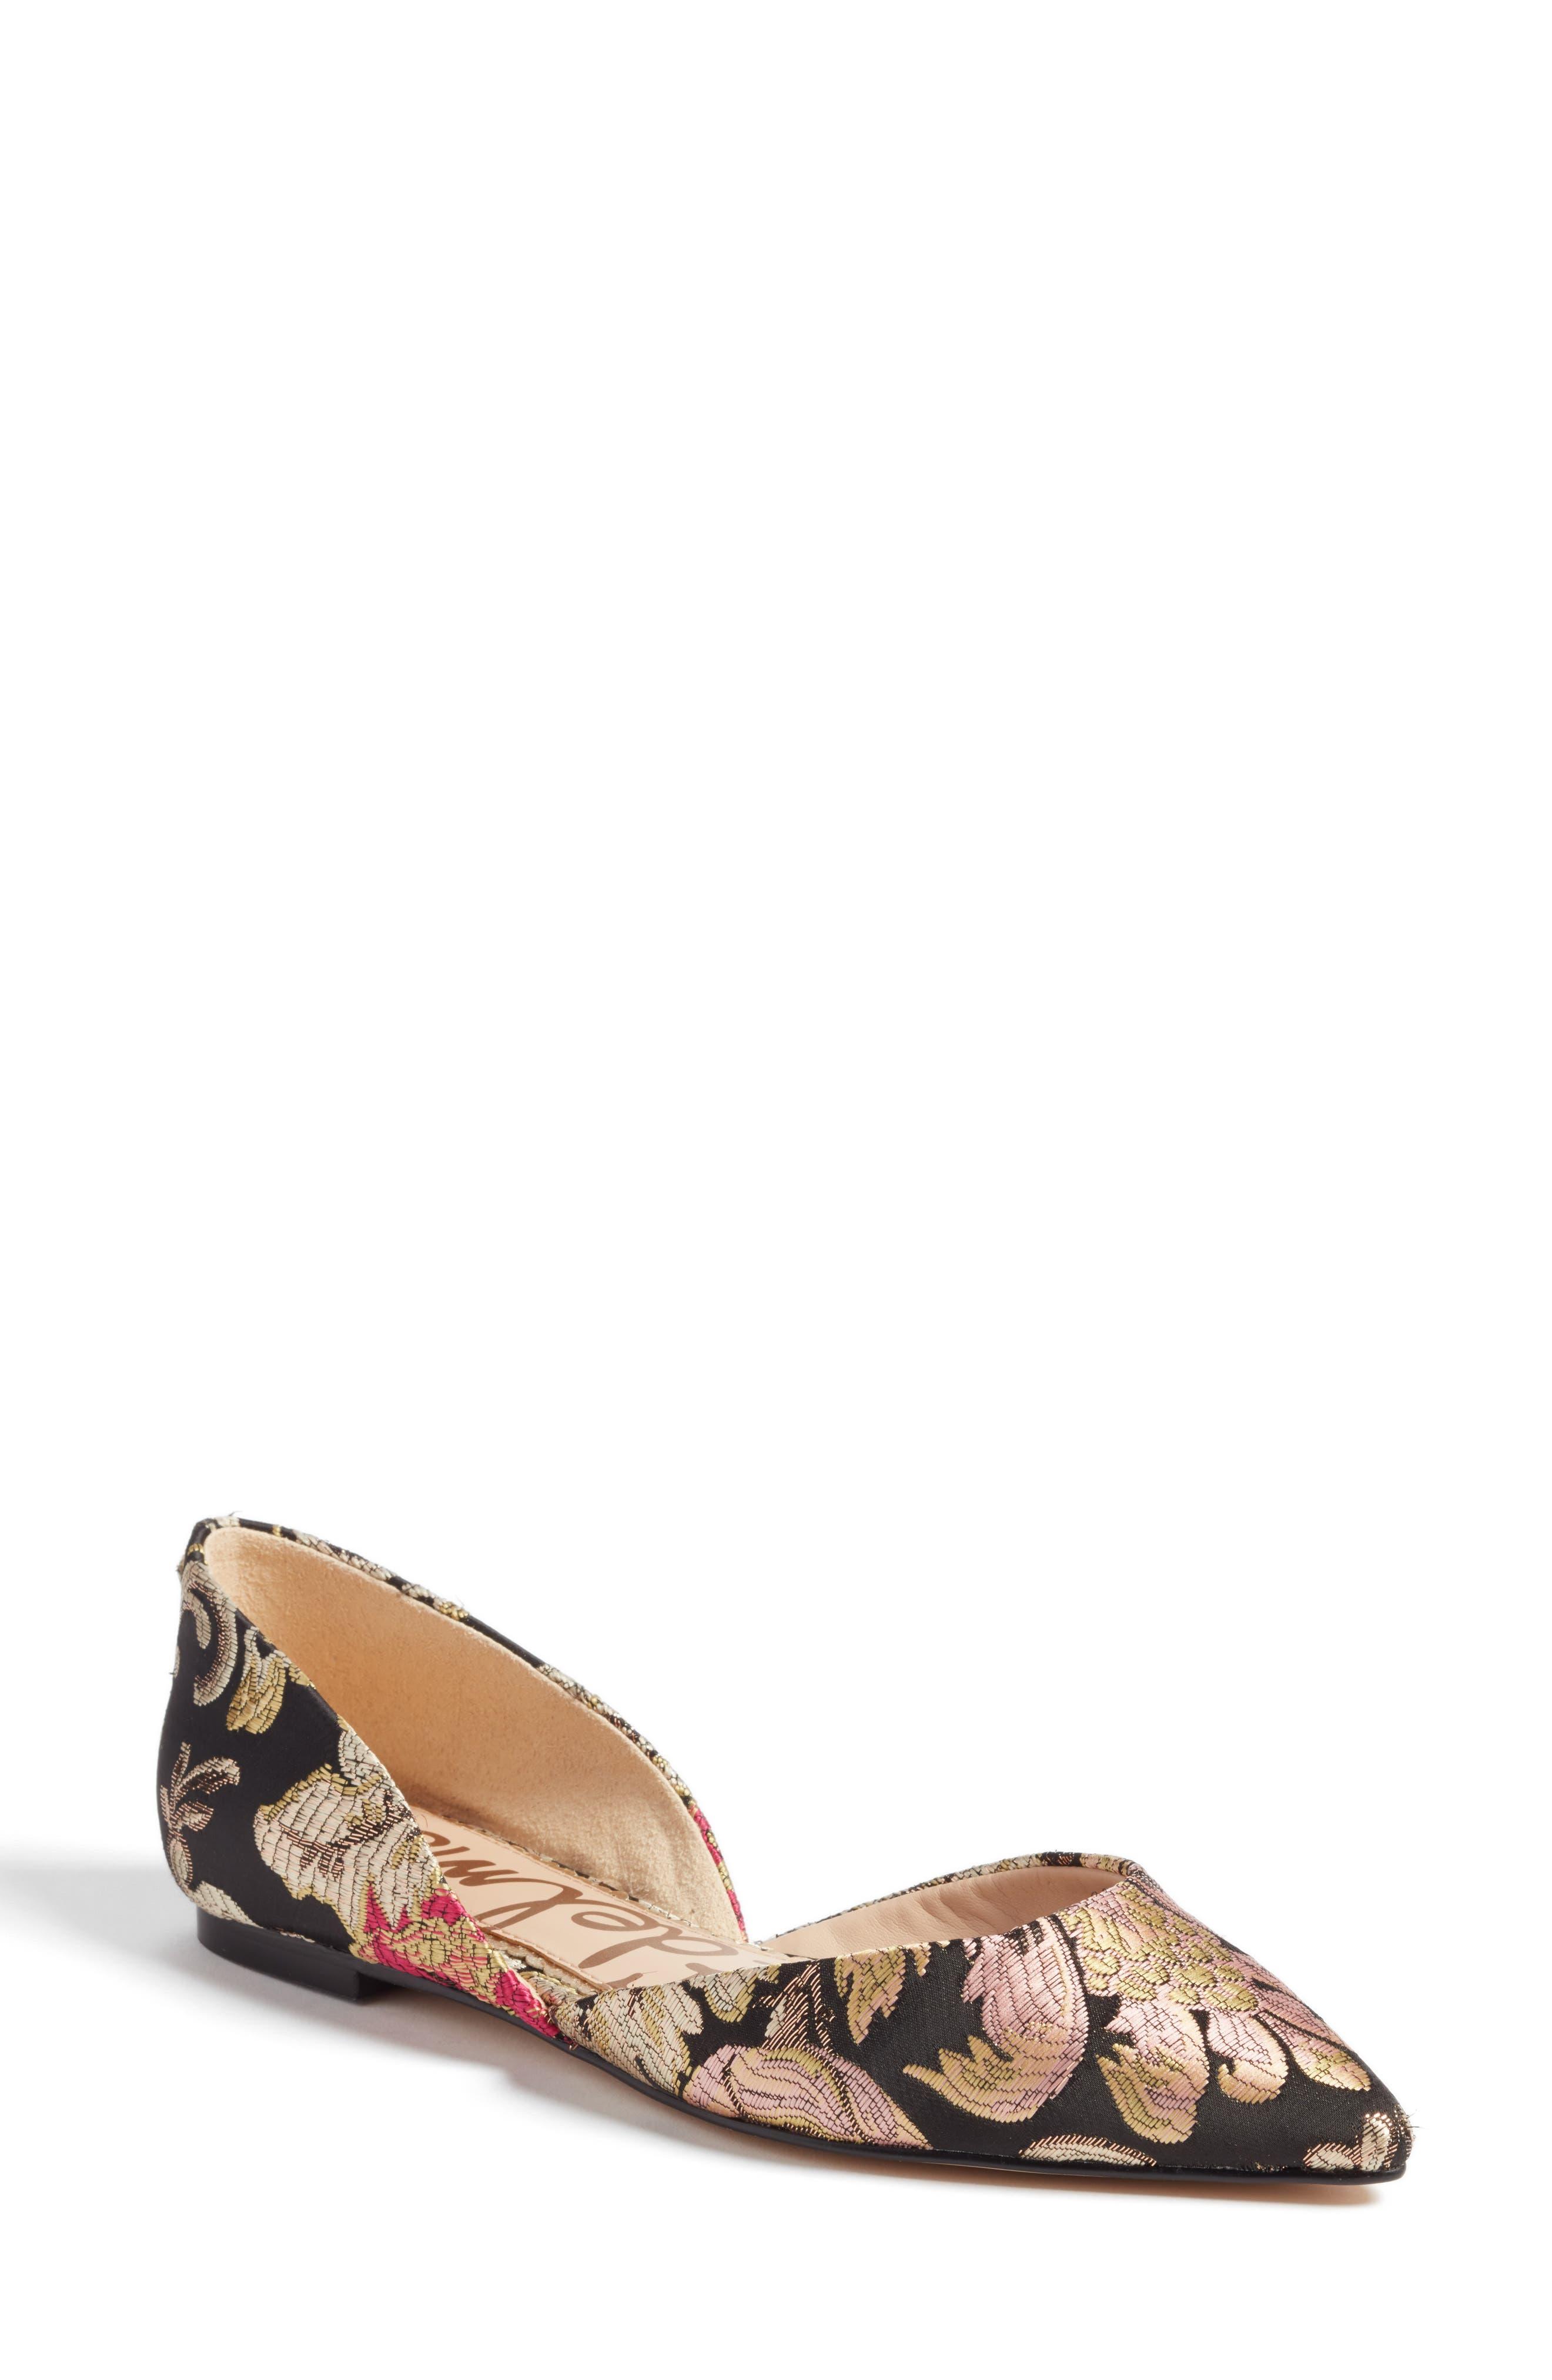 women u0027s ballet flats ballet loafer oxfords u0026 pointy toe nordstrom